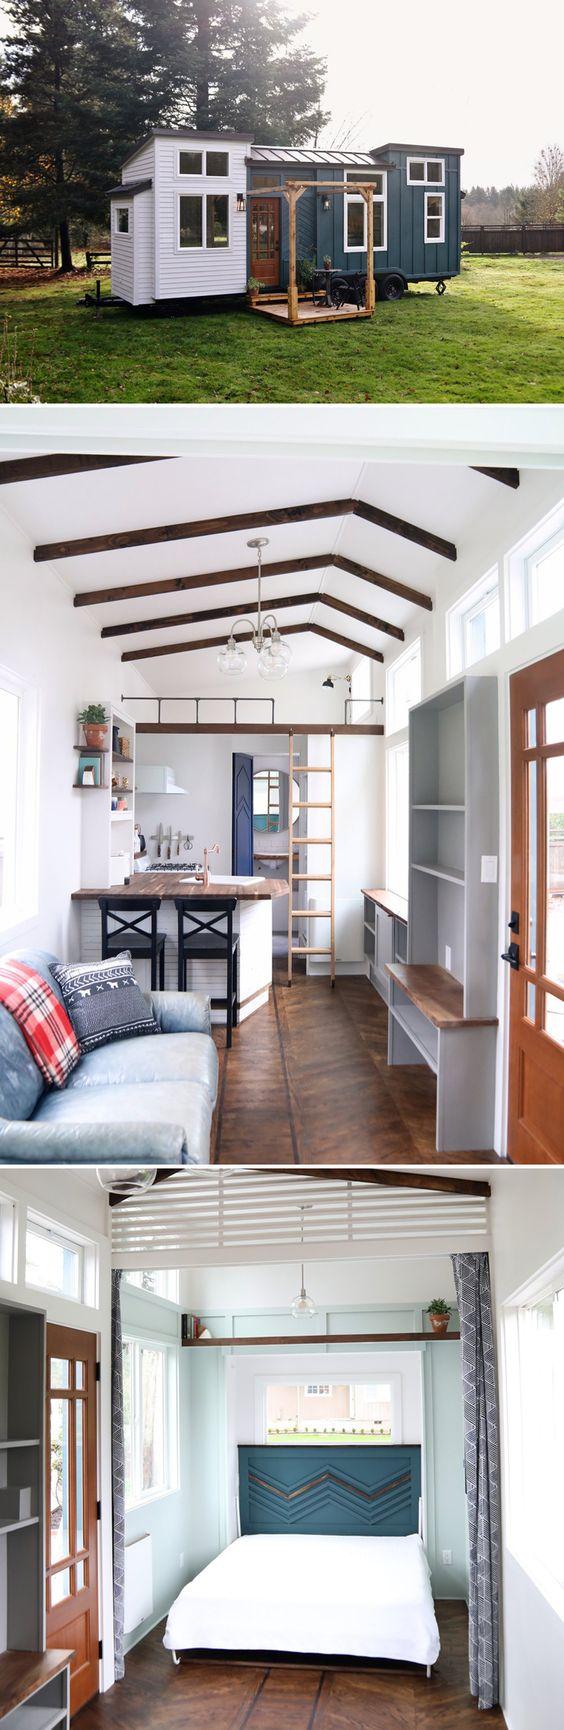 Ideas para tu hogar consejos trucos e ideas para decorar for Ideas economicas para decorar una casa pequena